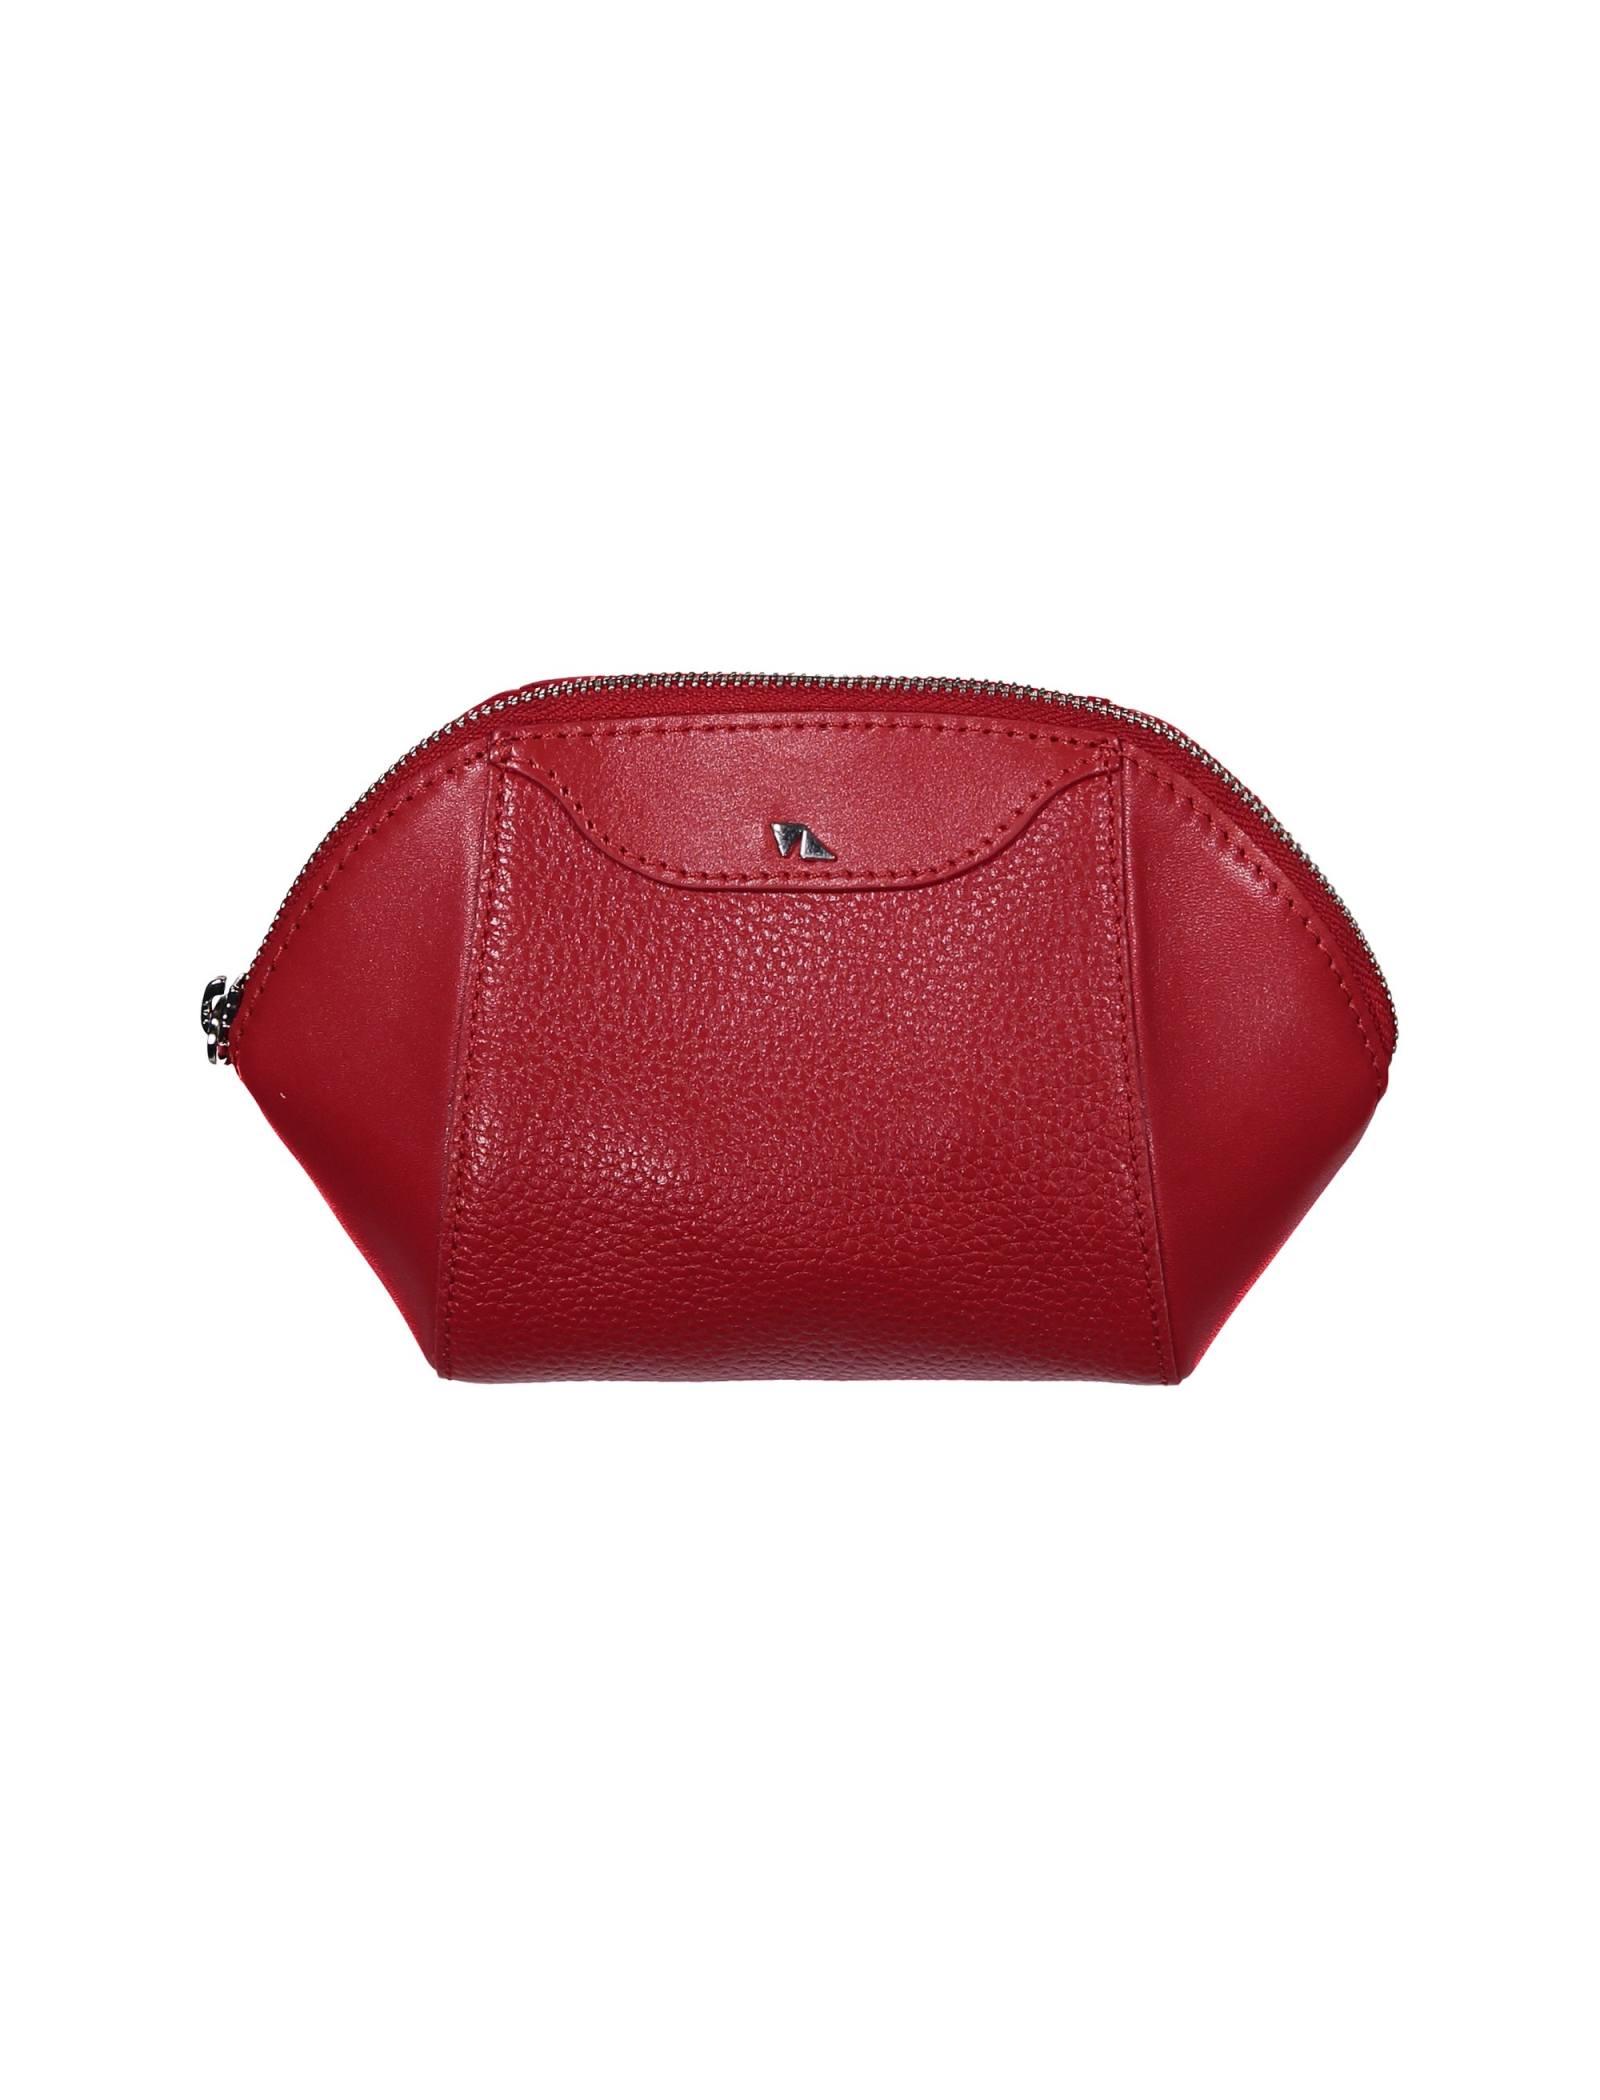 کیف لوازم آرایش چرم زنانه - چرم مشهد - قرمز - 1